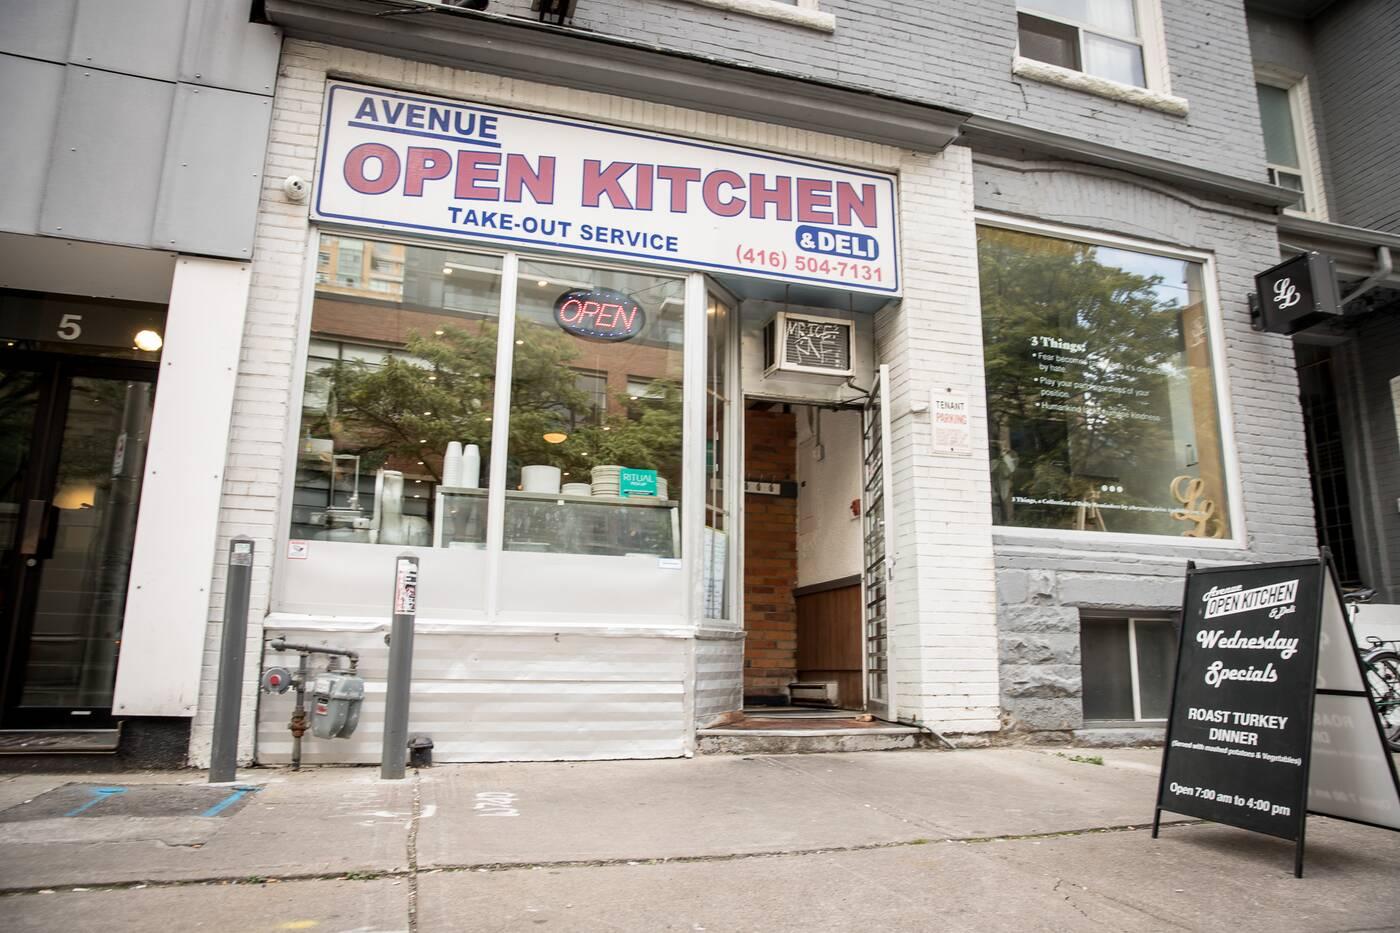 Avenue Open Kitchen Toronto